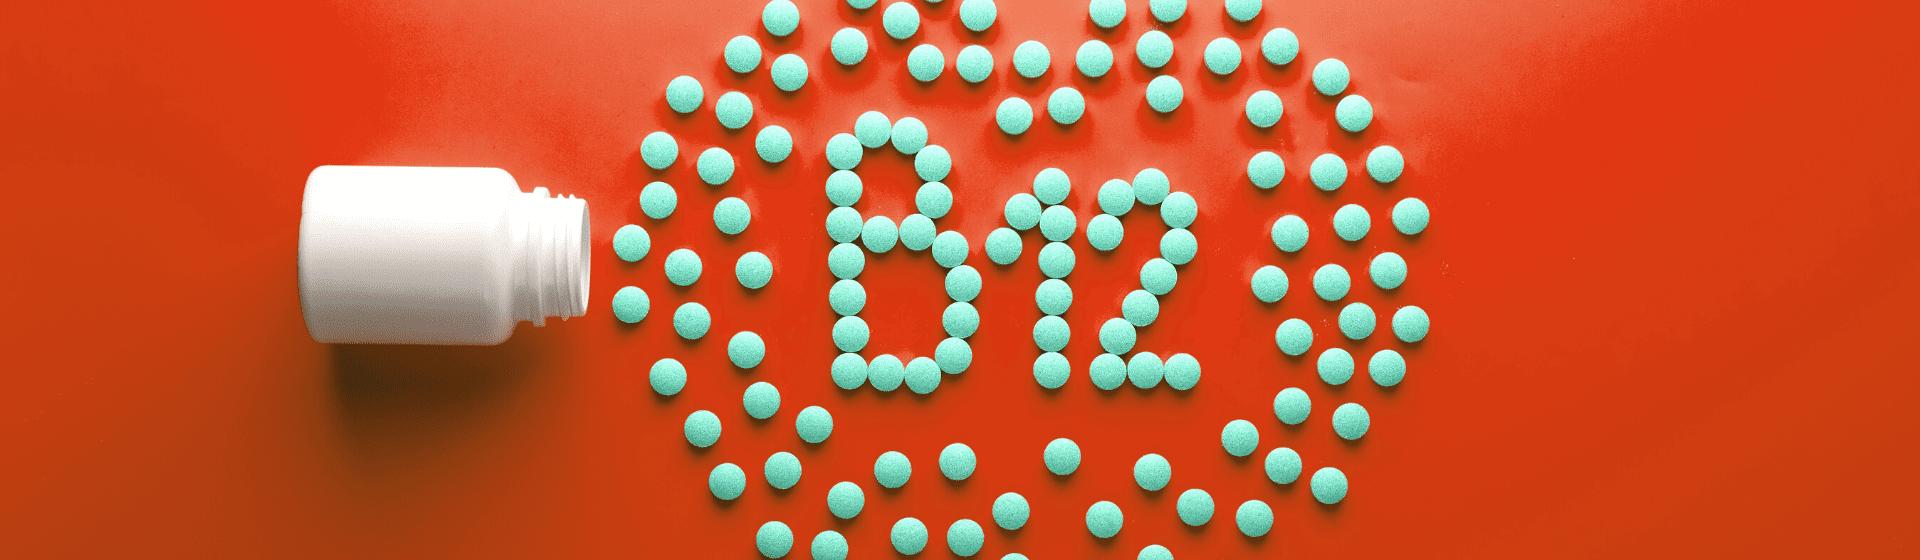 Melhor vitamina B12 de 2021: 7 opções para comprar